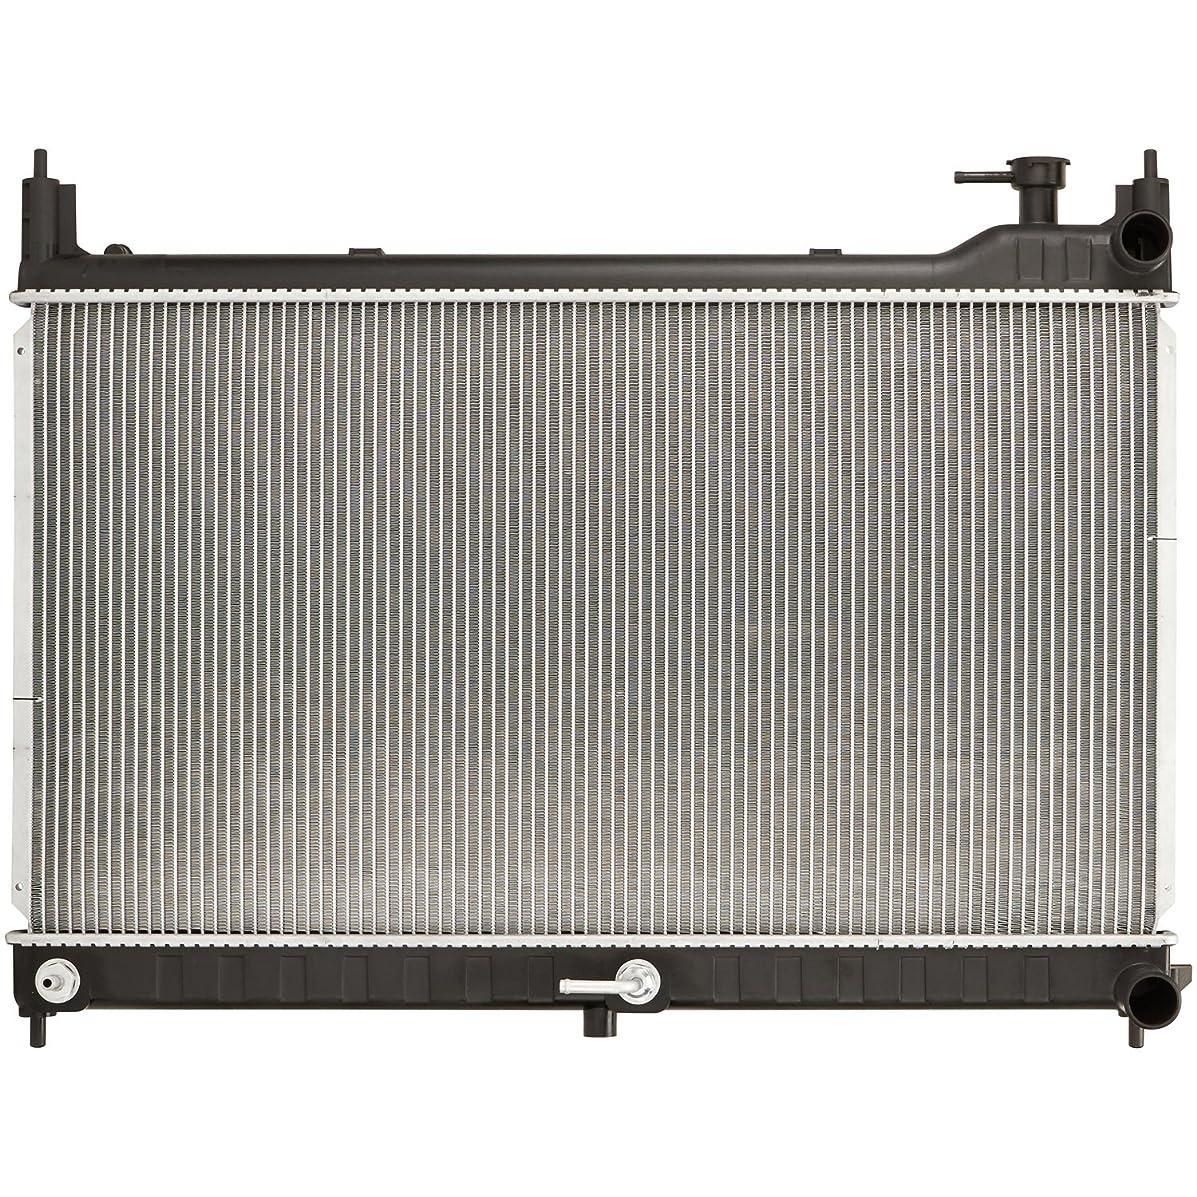 Spectra Premium CU13532 Complete Radiator